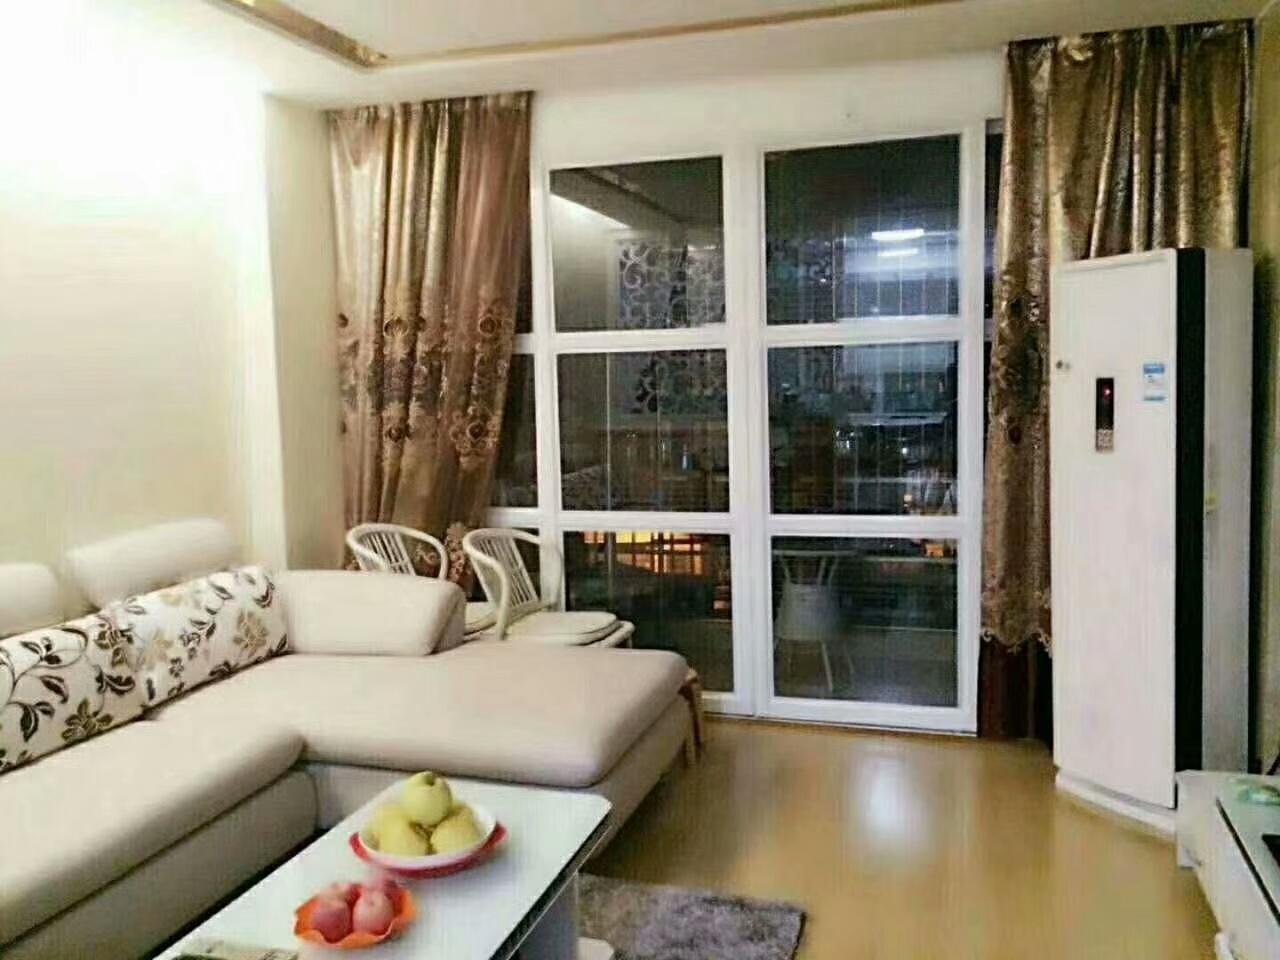 北苑丹桂苑三区26幢7单元一楼店面出售